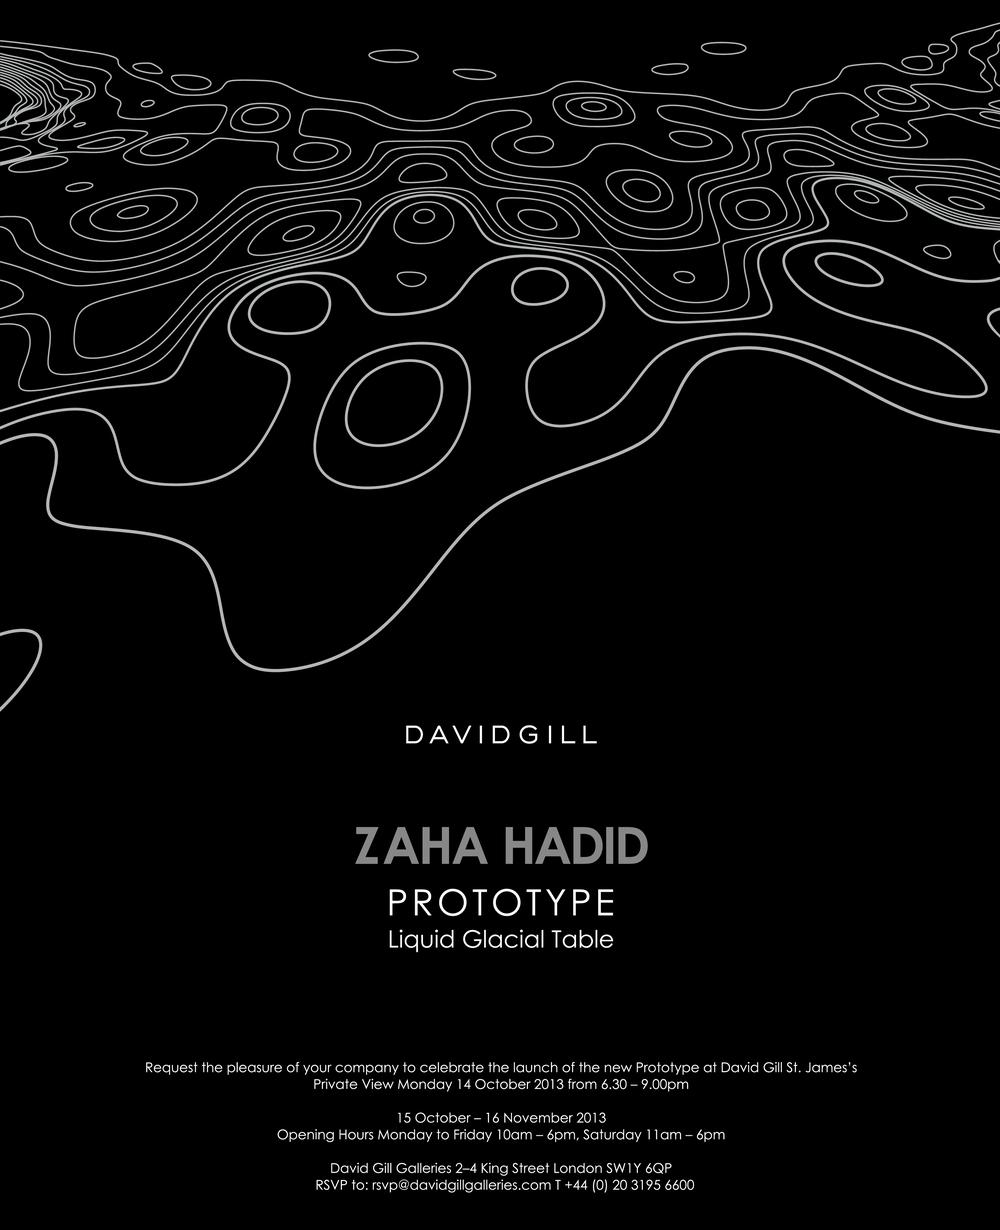 Zaha Hadid 2013